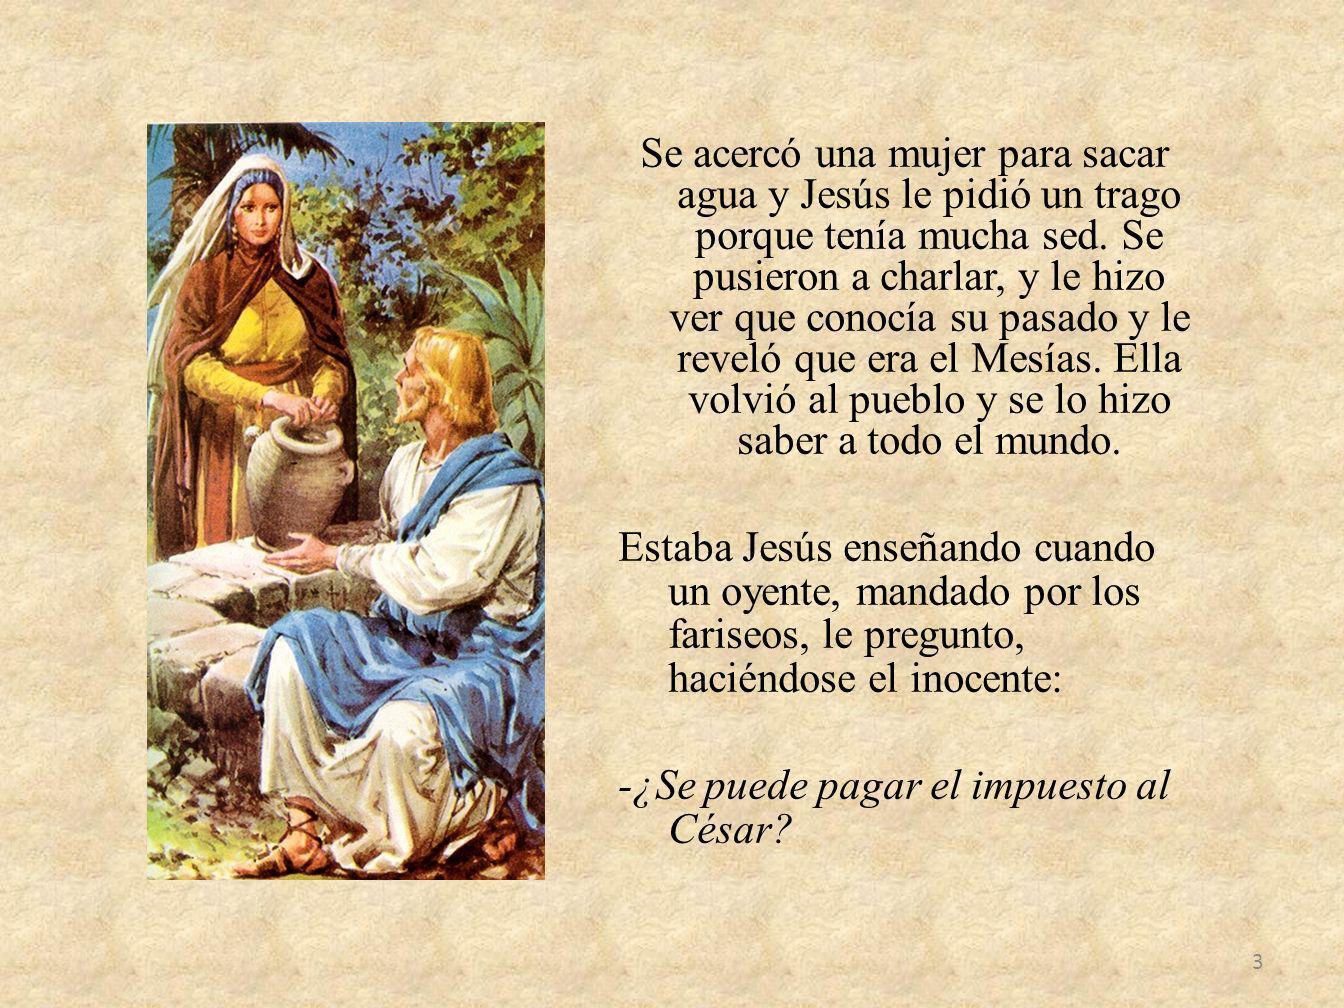 Se acercó una mujer para sacar agua y Jesús le pidió un trago porque tenía mucha sed. Se pusieron a charlar, y le hizo ver que conocía su pasado y le